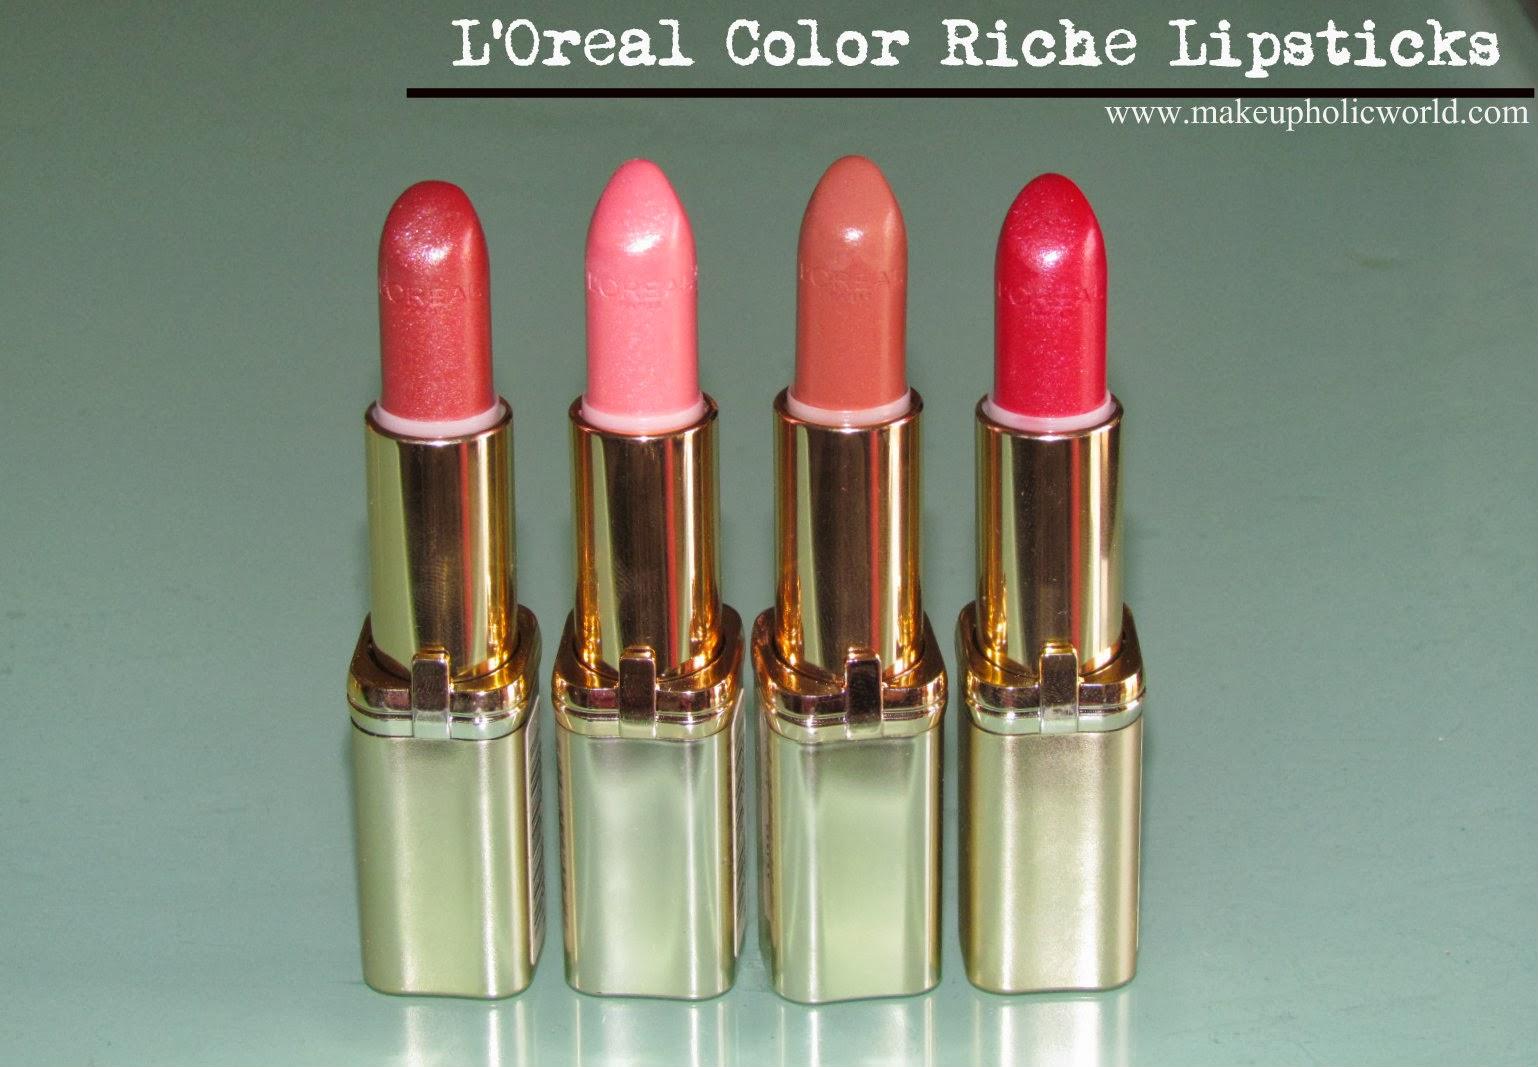 L'Oreal Color Riche Lipsticks